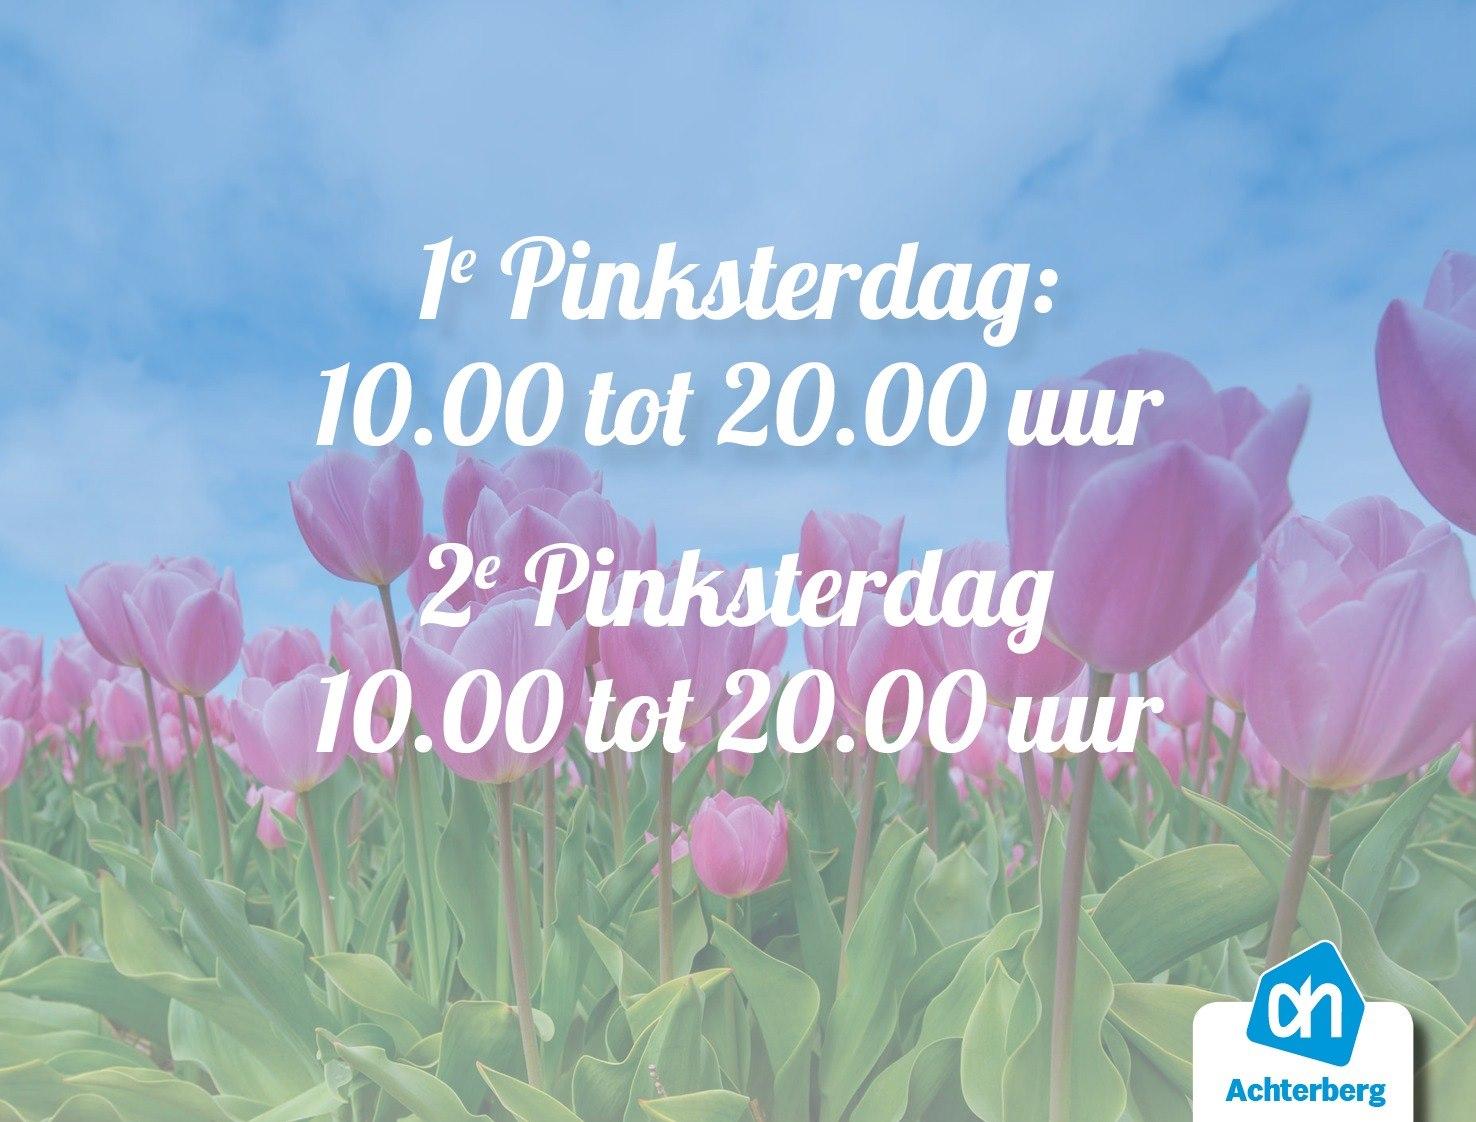 Albert Heijn Achterberg wenst je een fijne 1e Pinksterdag!